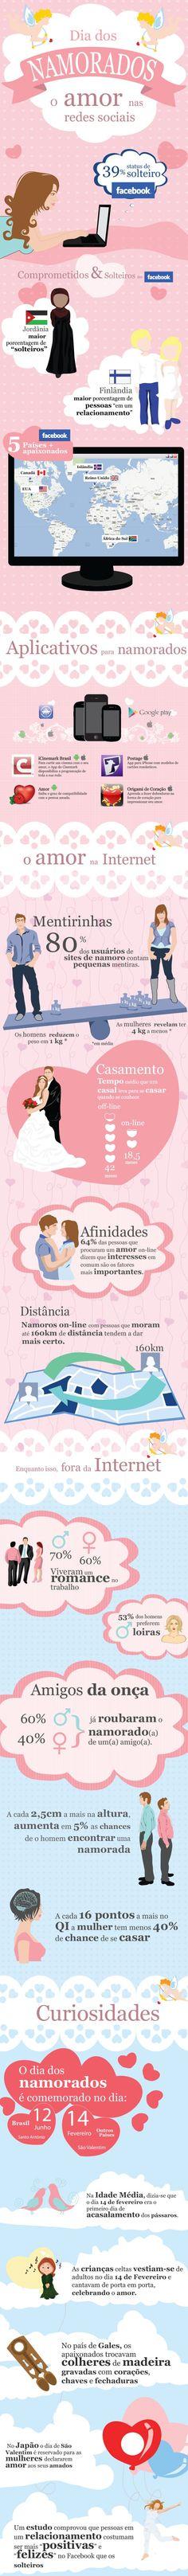 Dia dos namorados: o amor nas redes sociais #Infografico #Curiosidade